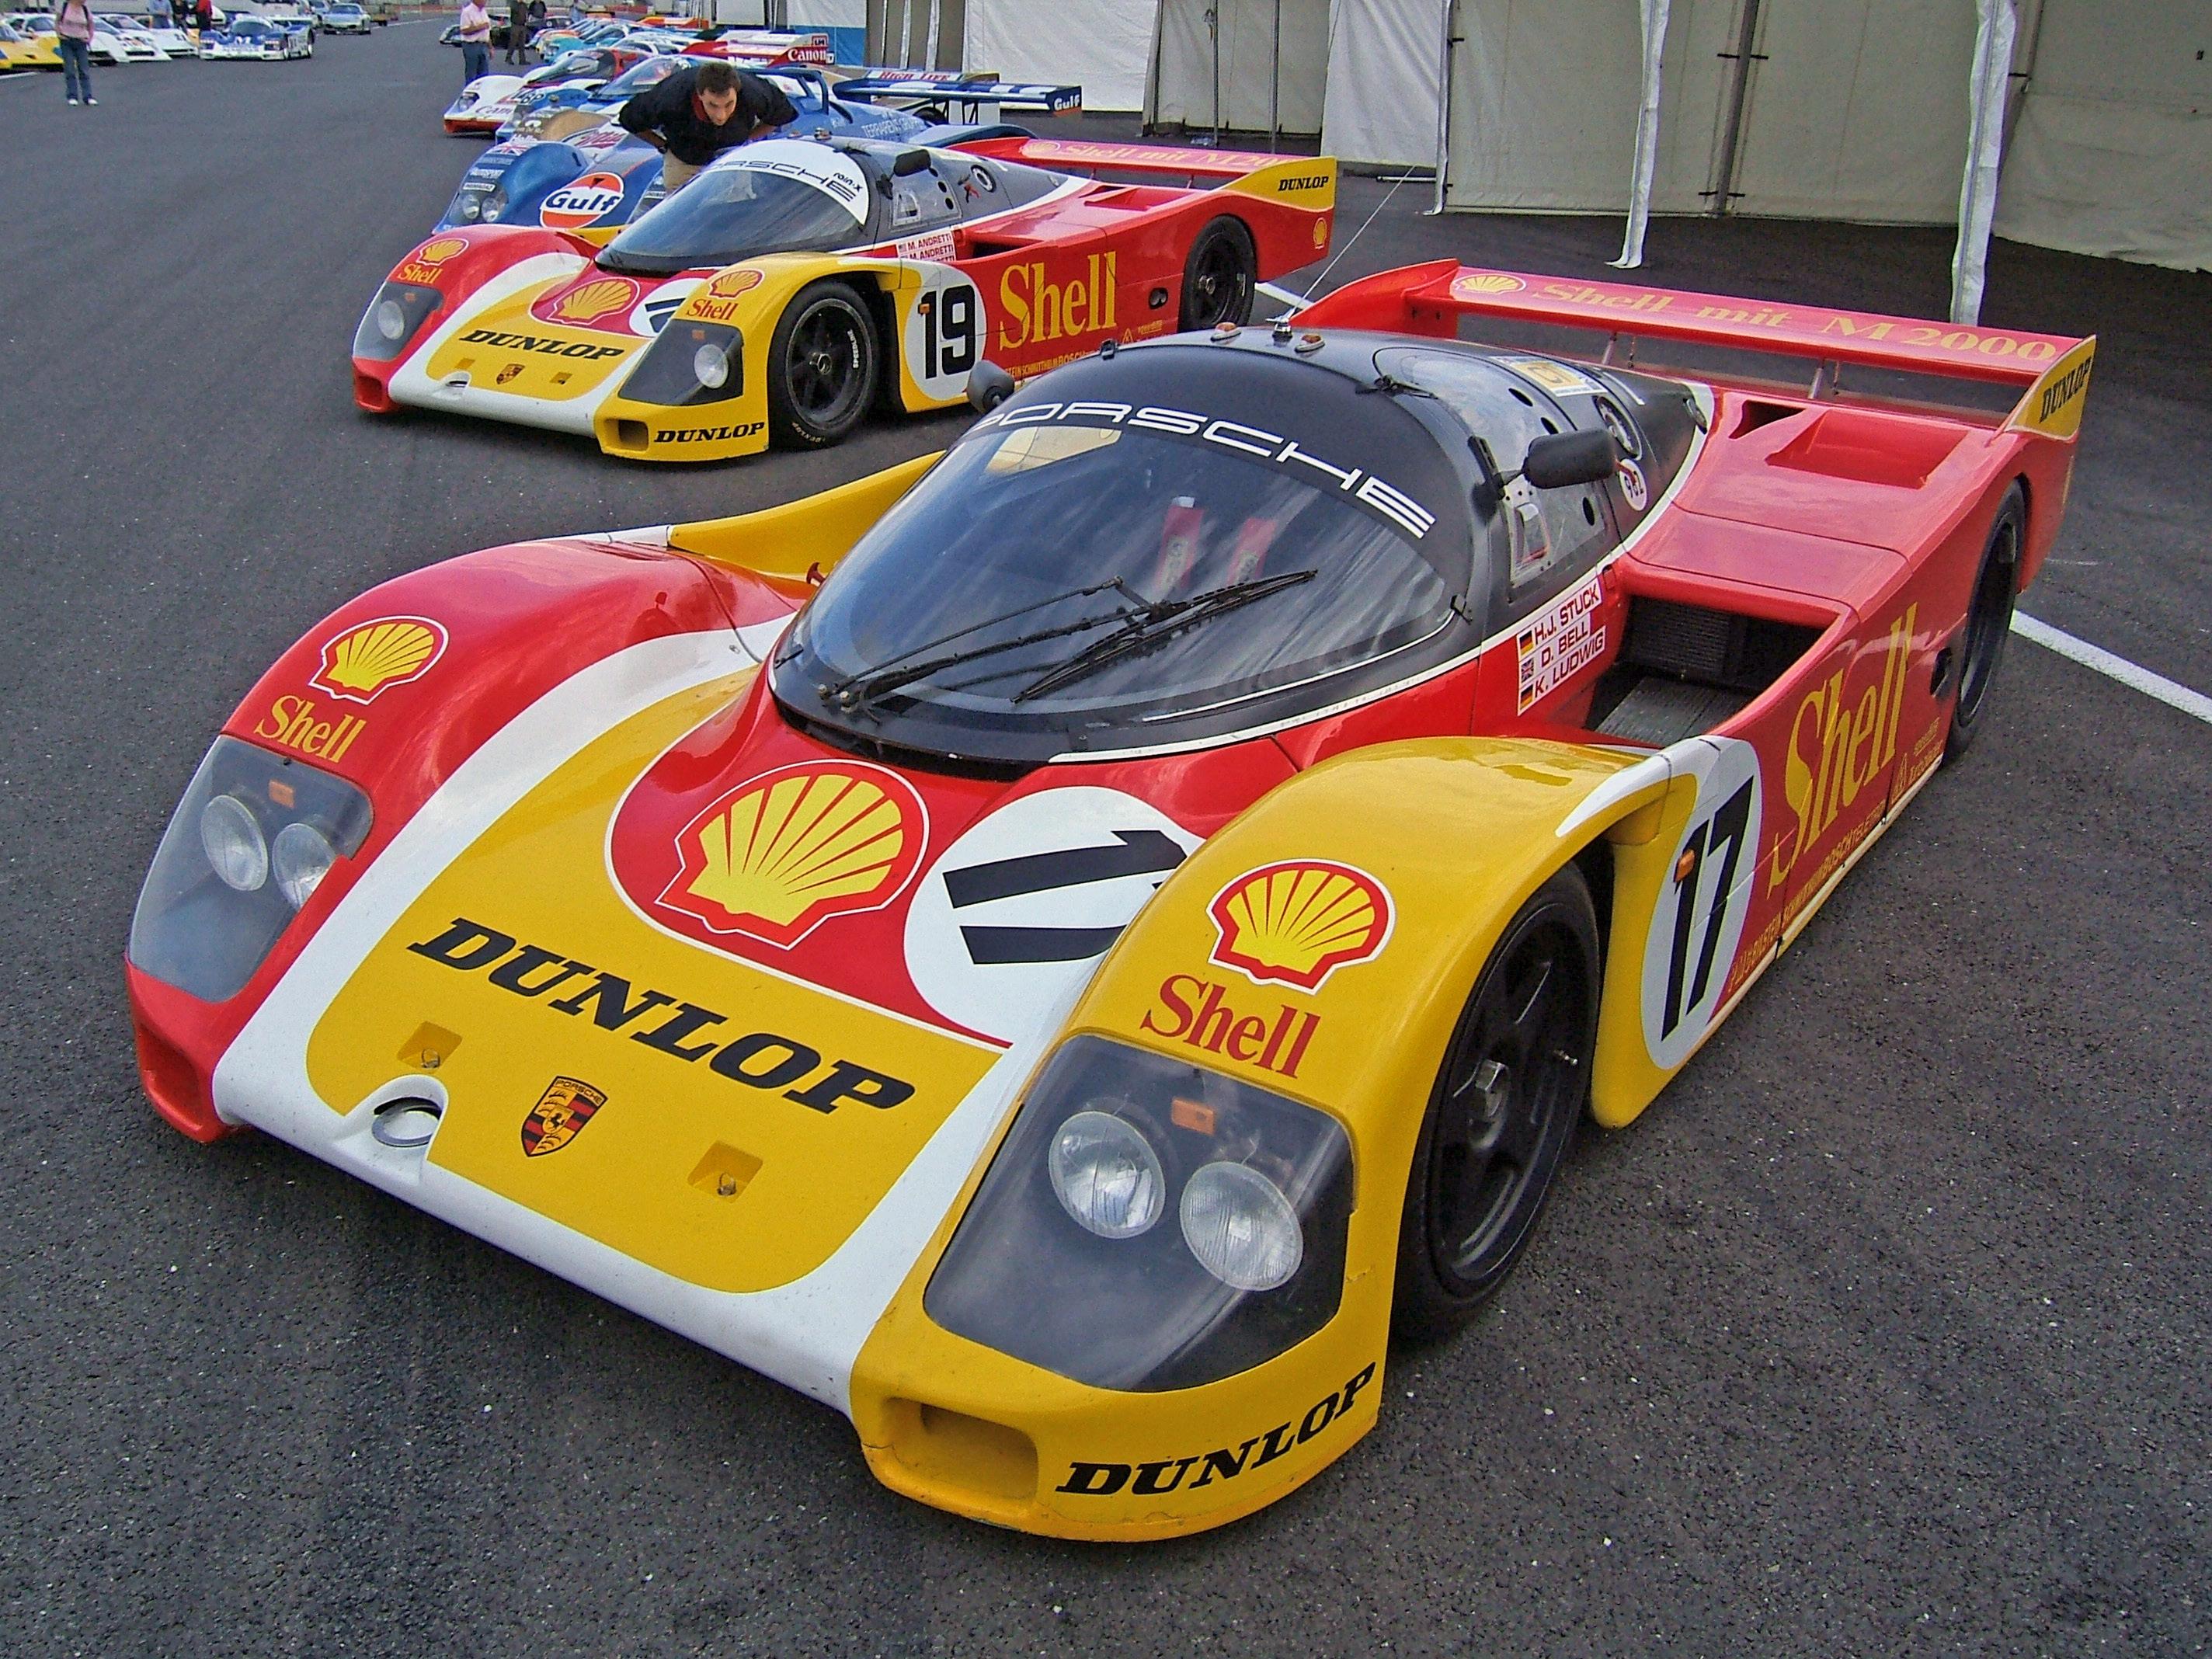 Porsche_962_1988_Le_Mans_at_Silverstone_2007.JPG